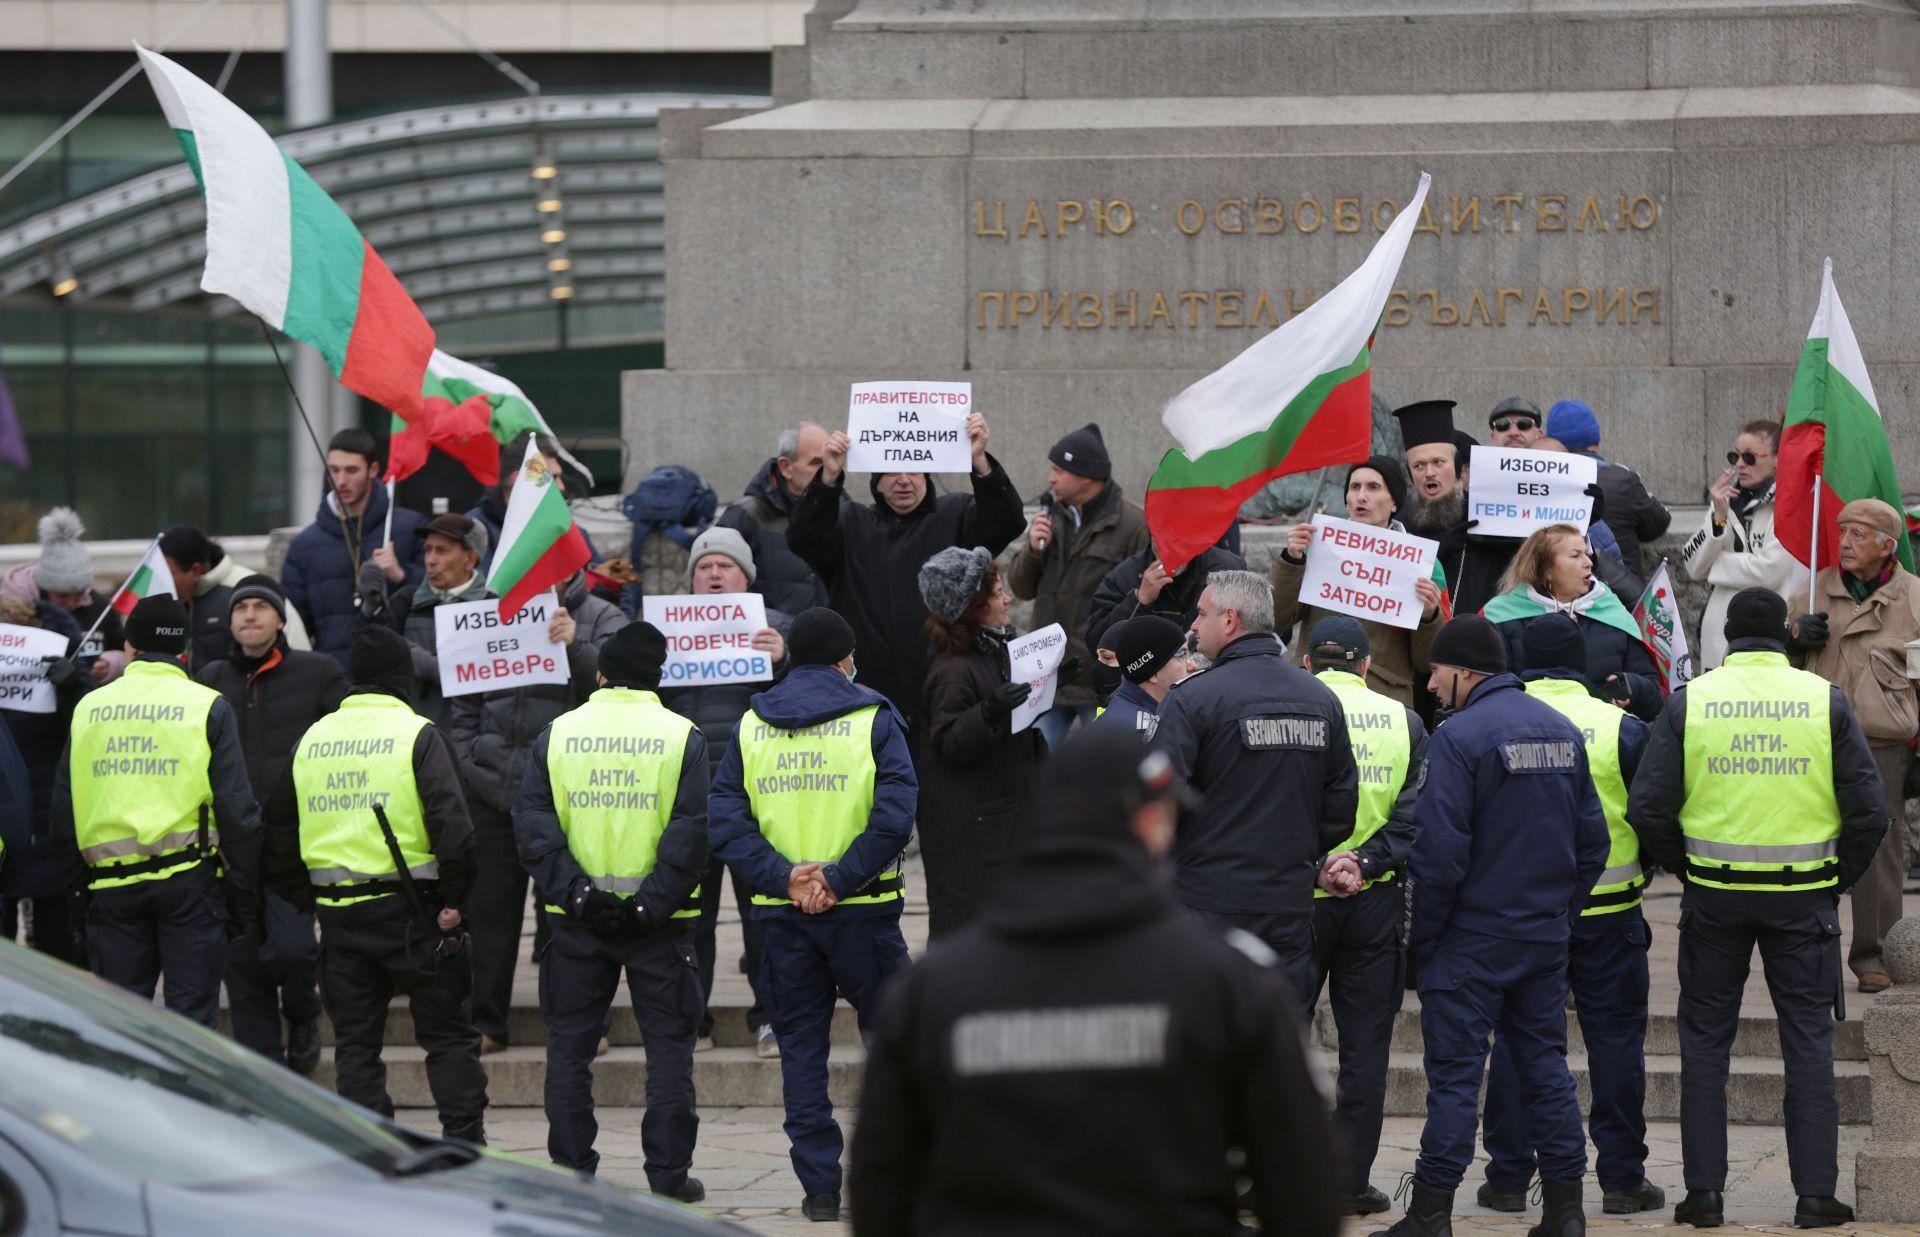 Малка група протестиращи се събра пред парламента, където беше охранявана от полицаи